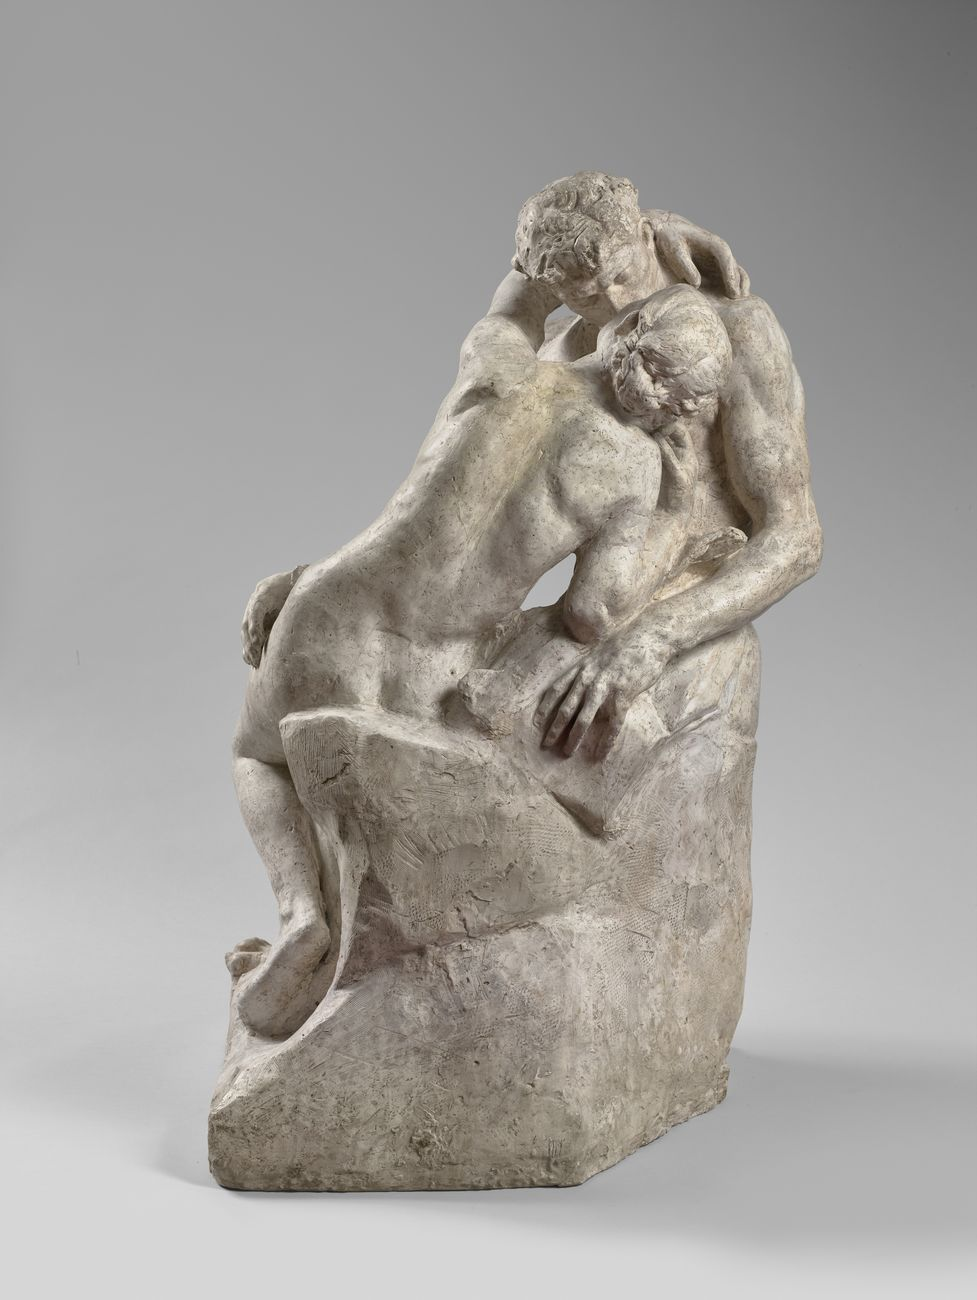 Auguste Rodin, Le Baiser, 1885 ca., gesso patinato, 86 x 51,5 x 55,5 cm. Musée Rodin, Parigi © musée Rodin – photo Hervé Lewandowski